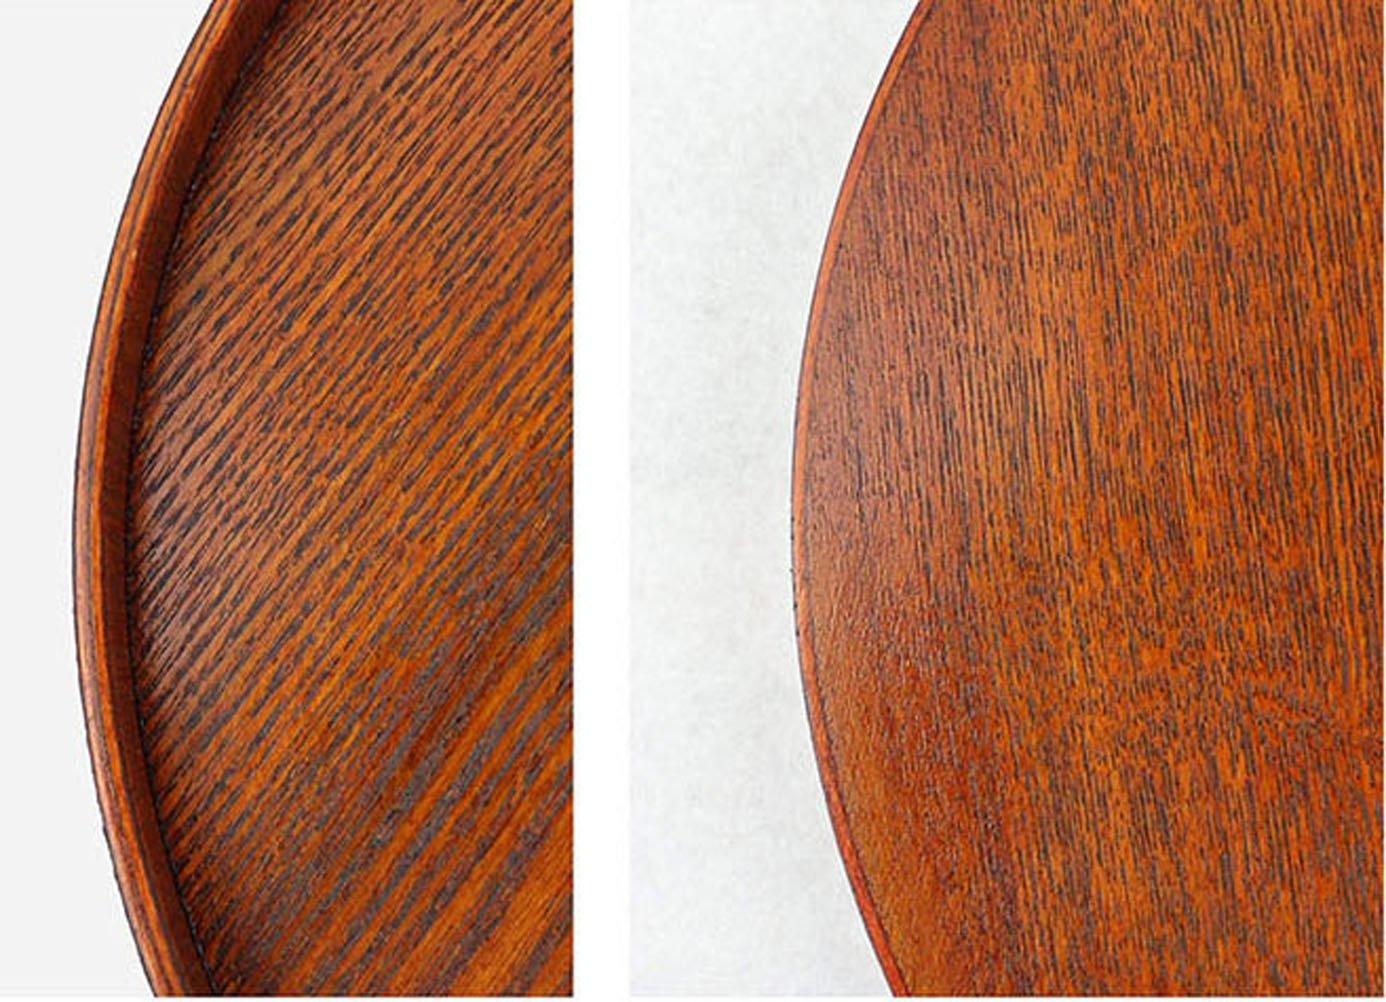 丸トレー 接客トレイ ナチュラルスタックトレー 漆塗り 茶色 丸盆 EASEASE 業務用 お盆 トレー 直径27cm (茶色 27CM) 茶道具 定食盆 木製 カフェトレー